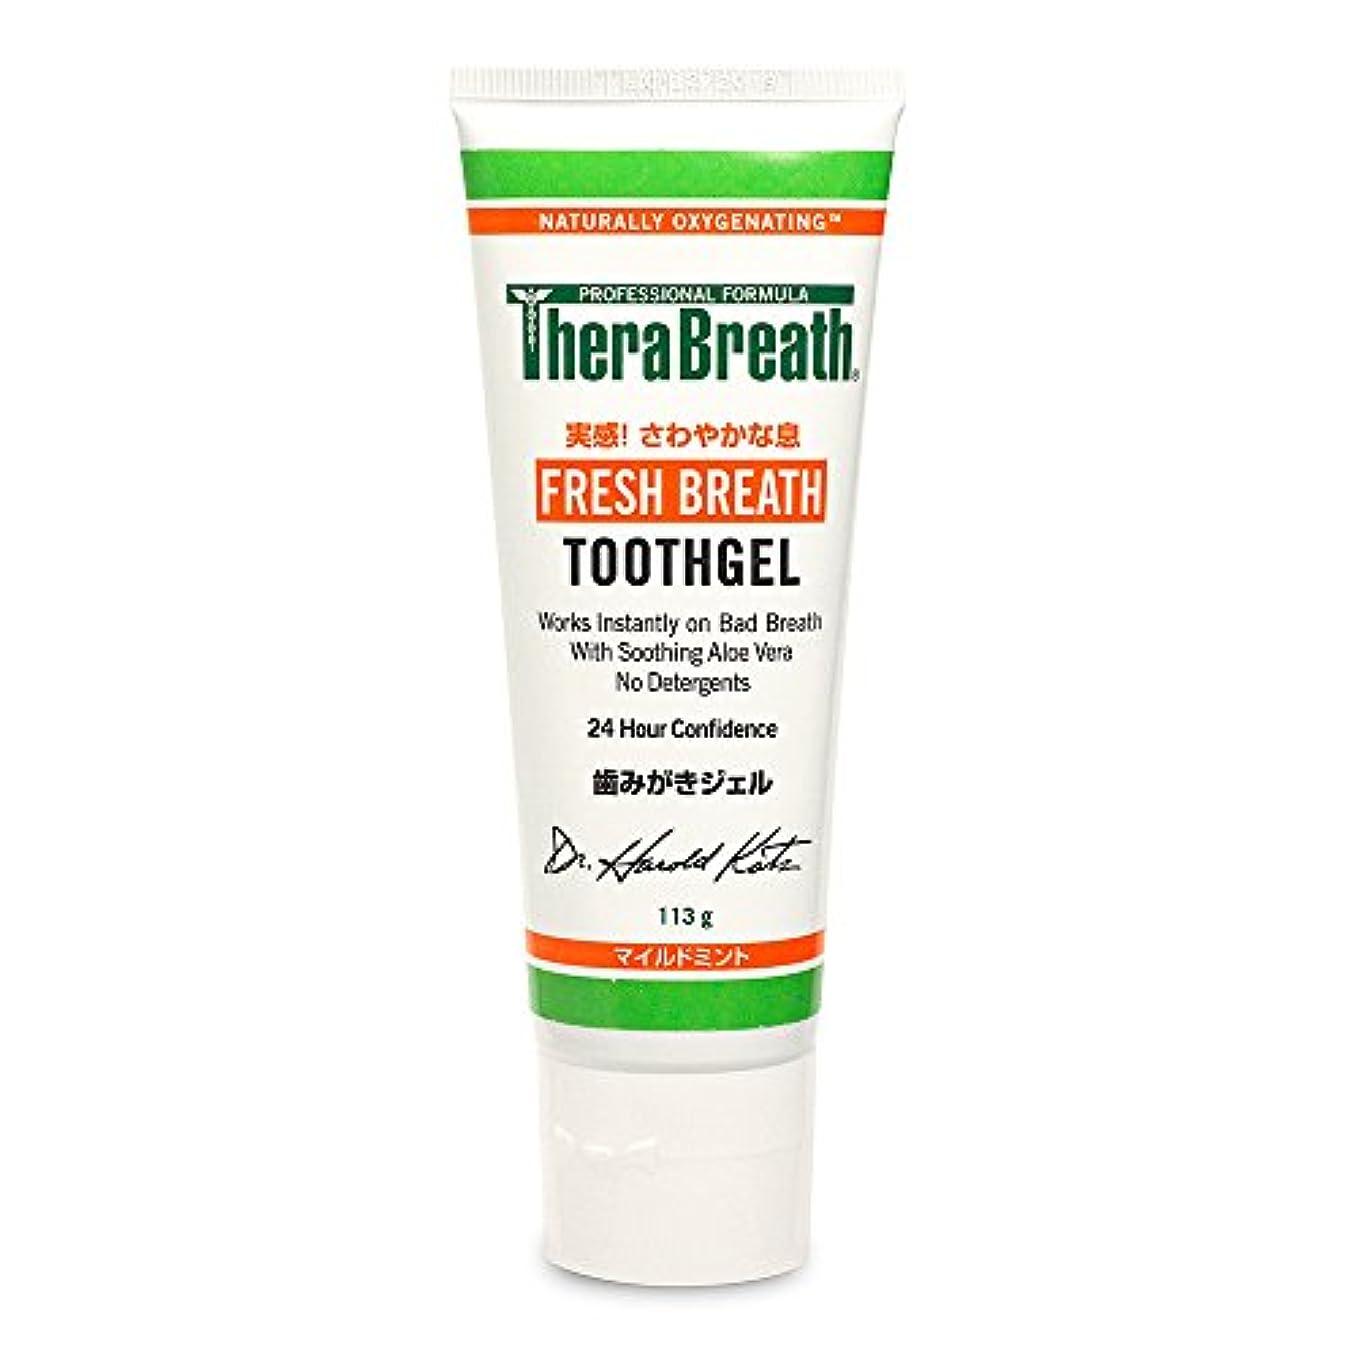 カバレッジ取り戻すむちゃくちゃTheraBreath (セラブレス) セラブレストゥースジェル 113g (正規輸入品) 舌磨き